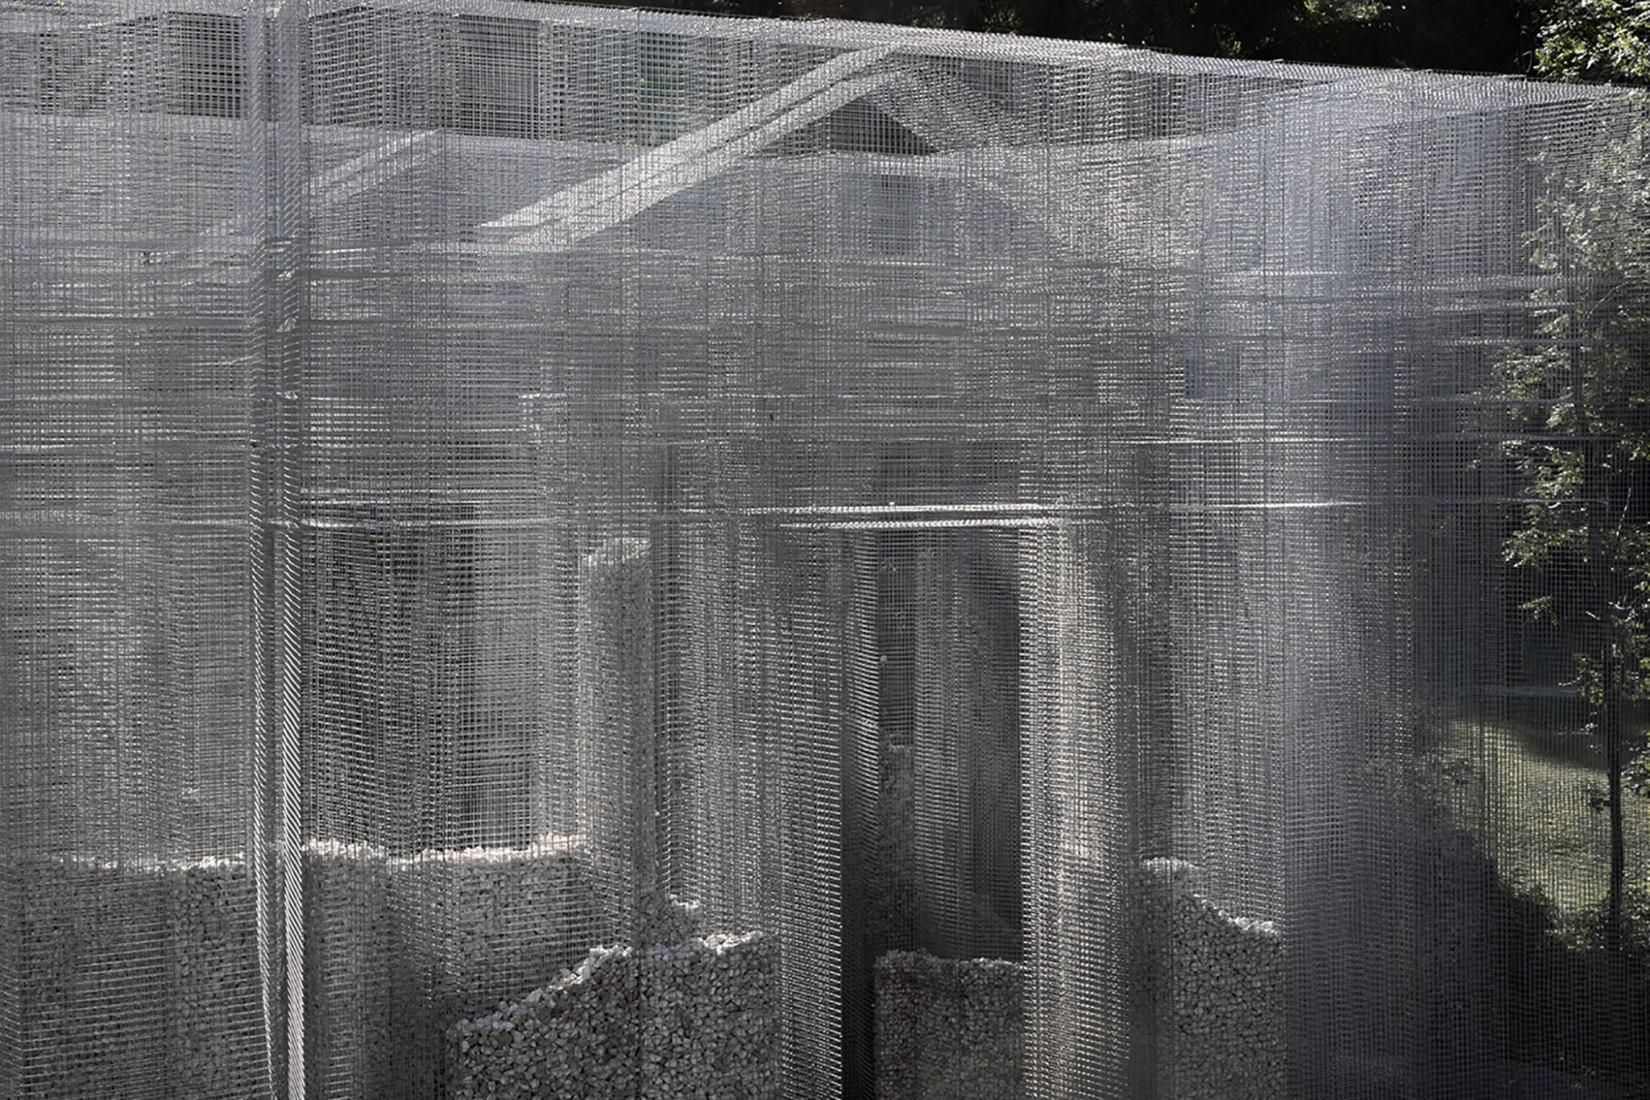 הכלאה של חומר נעדר: המיצב האדריכלי Simbiosi של Edoardo Tresoldi